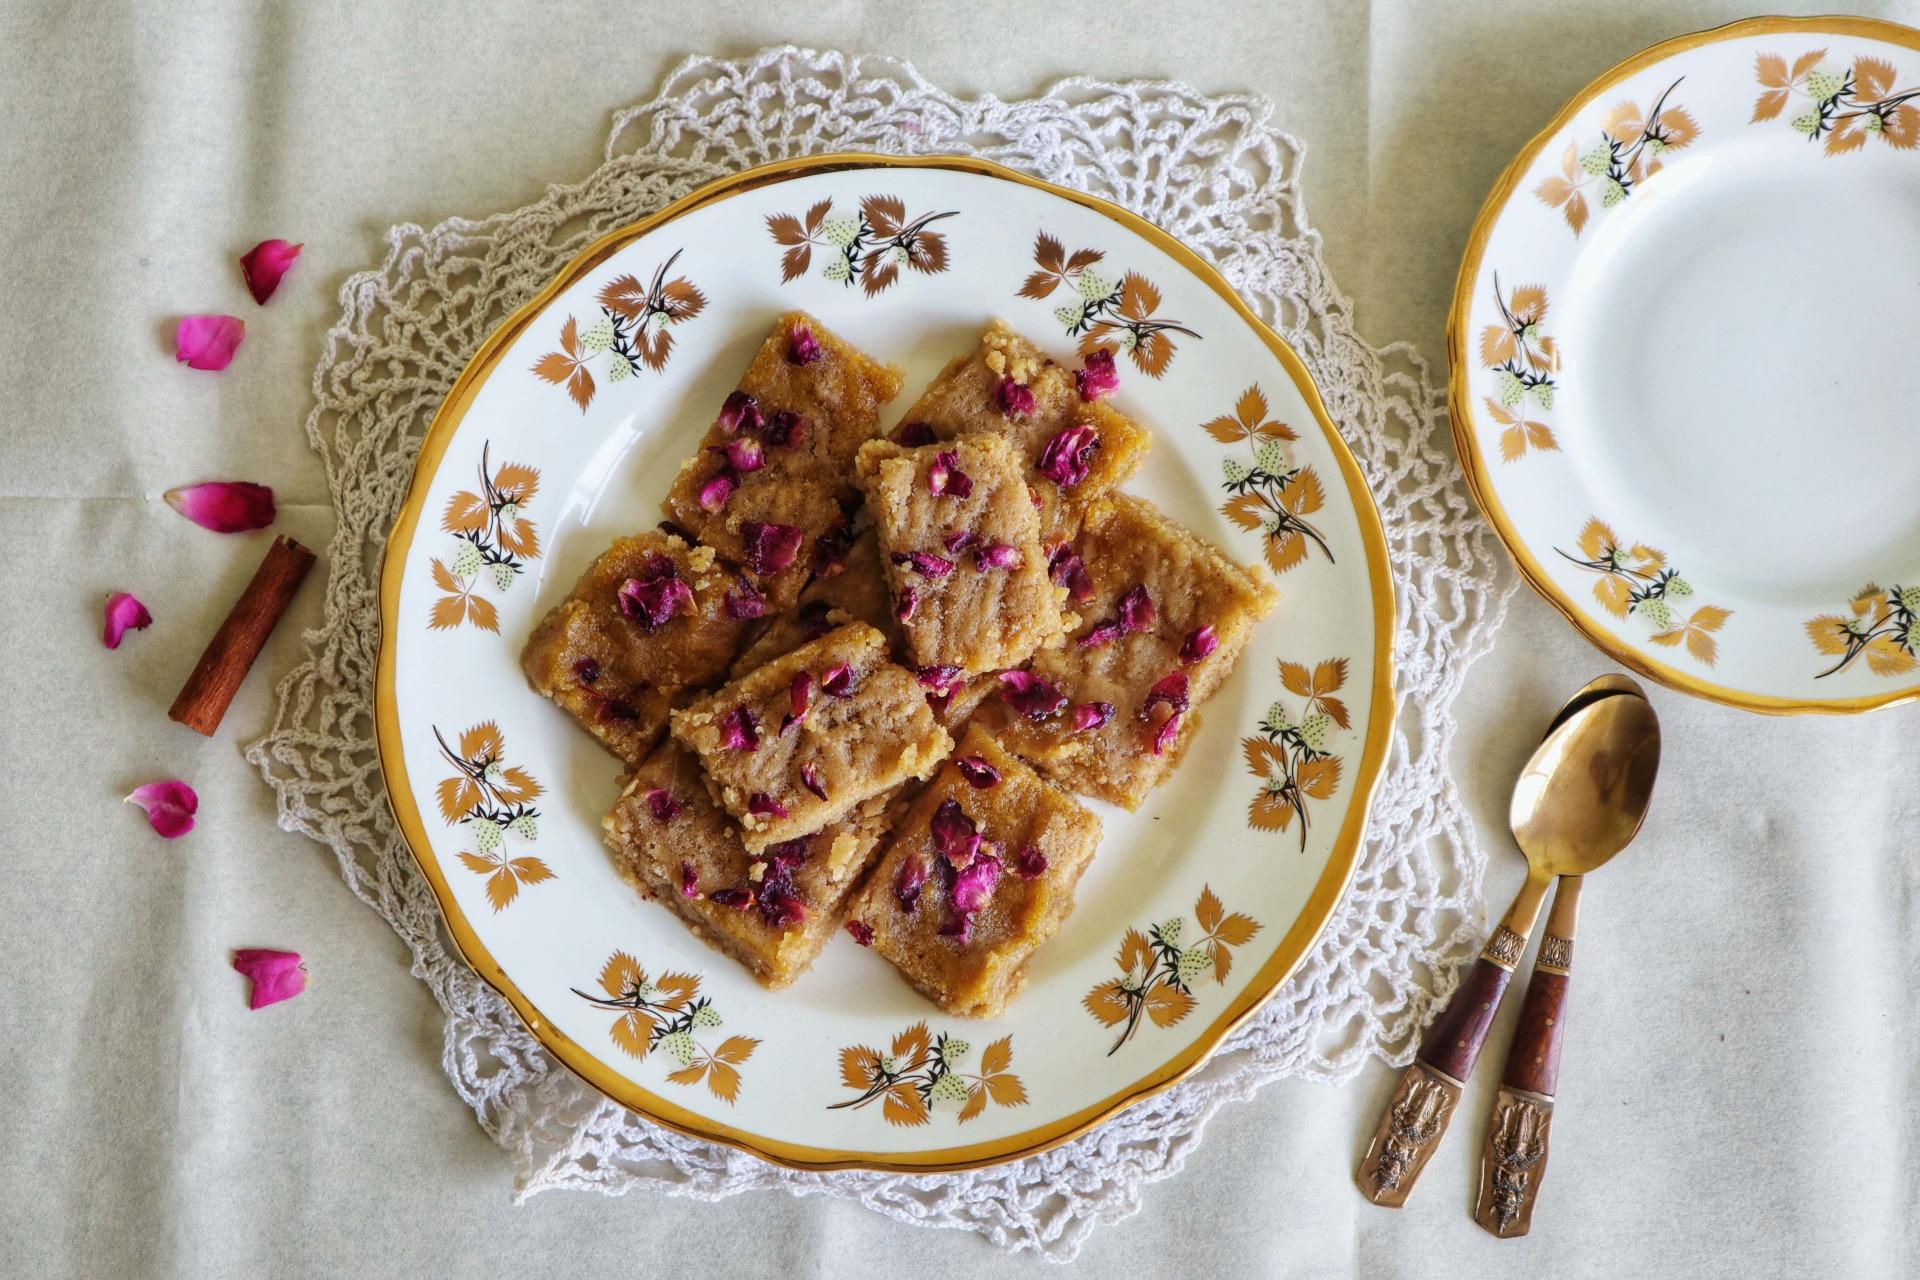 rose cinnamon halva, ter khalvasy, halva, dessert, sweets, wheat flour, Diwali, fromthecornertable, from the corner table, traveltuckintalk